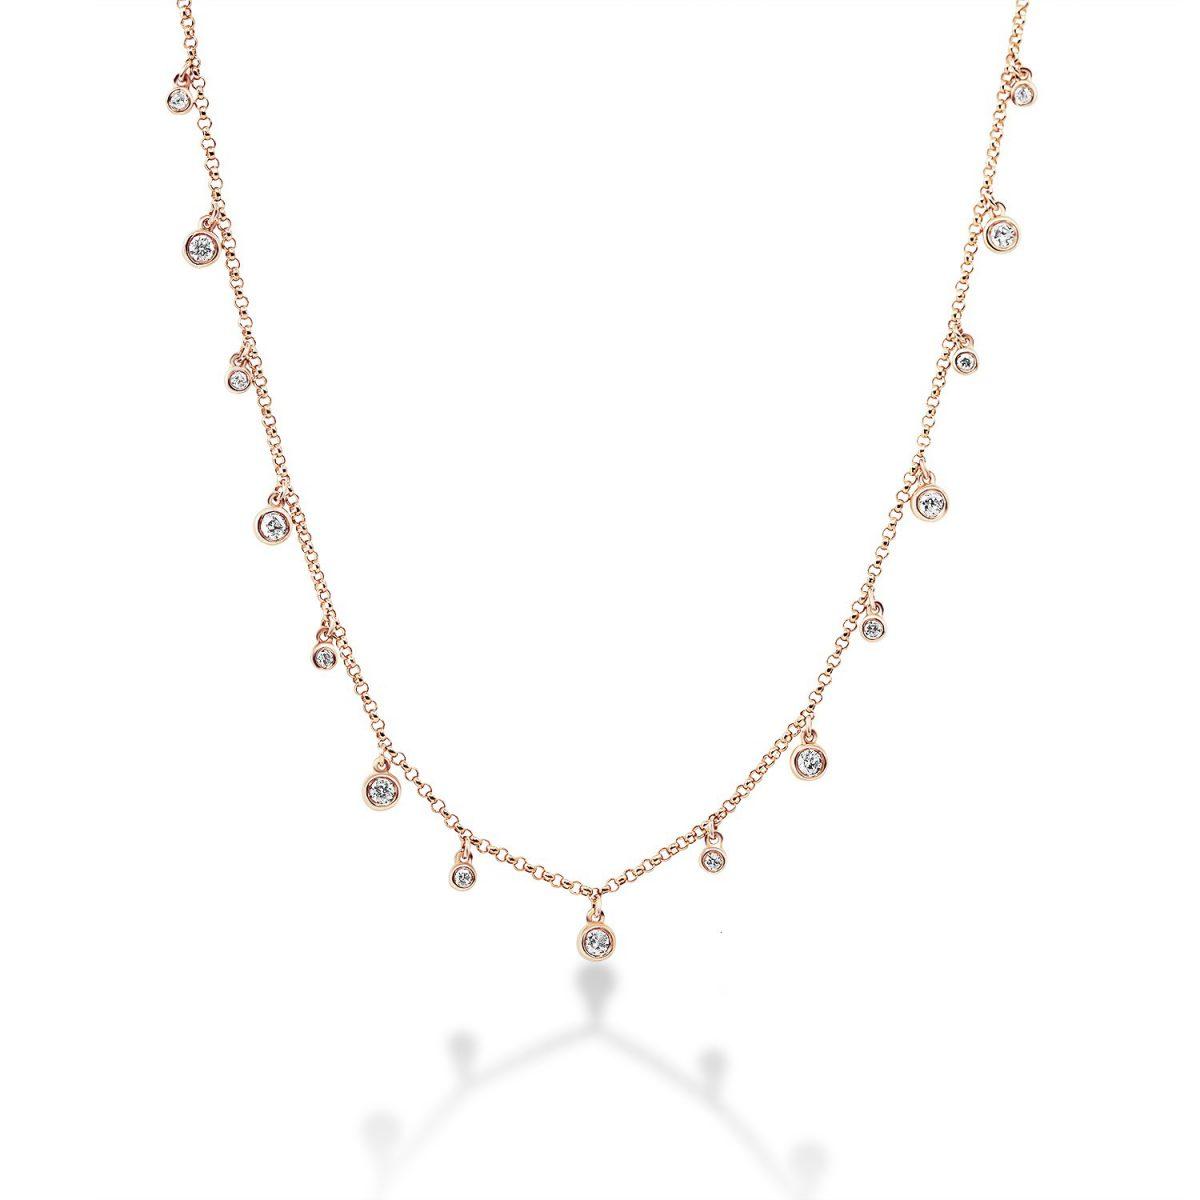 שרשרת יהלומים - ליז - זהב אדום